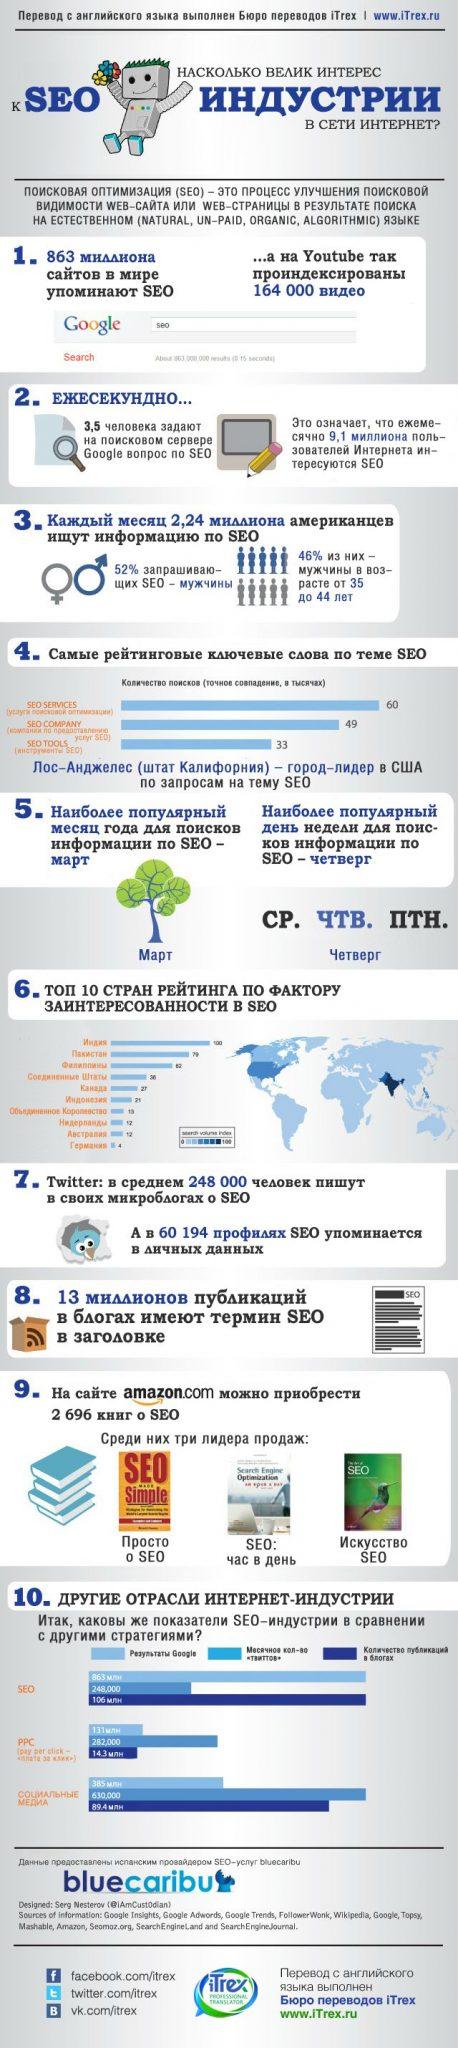 You are currently viewing Насколько велик интерес к SEO-индустрии в сети интернет?